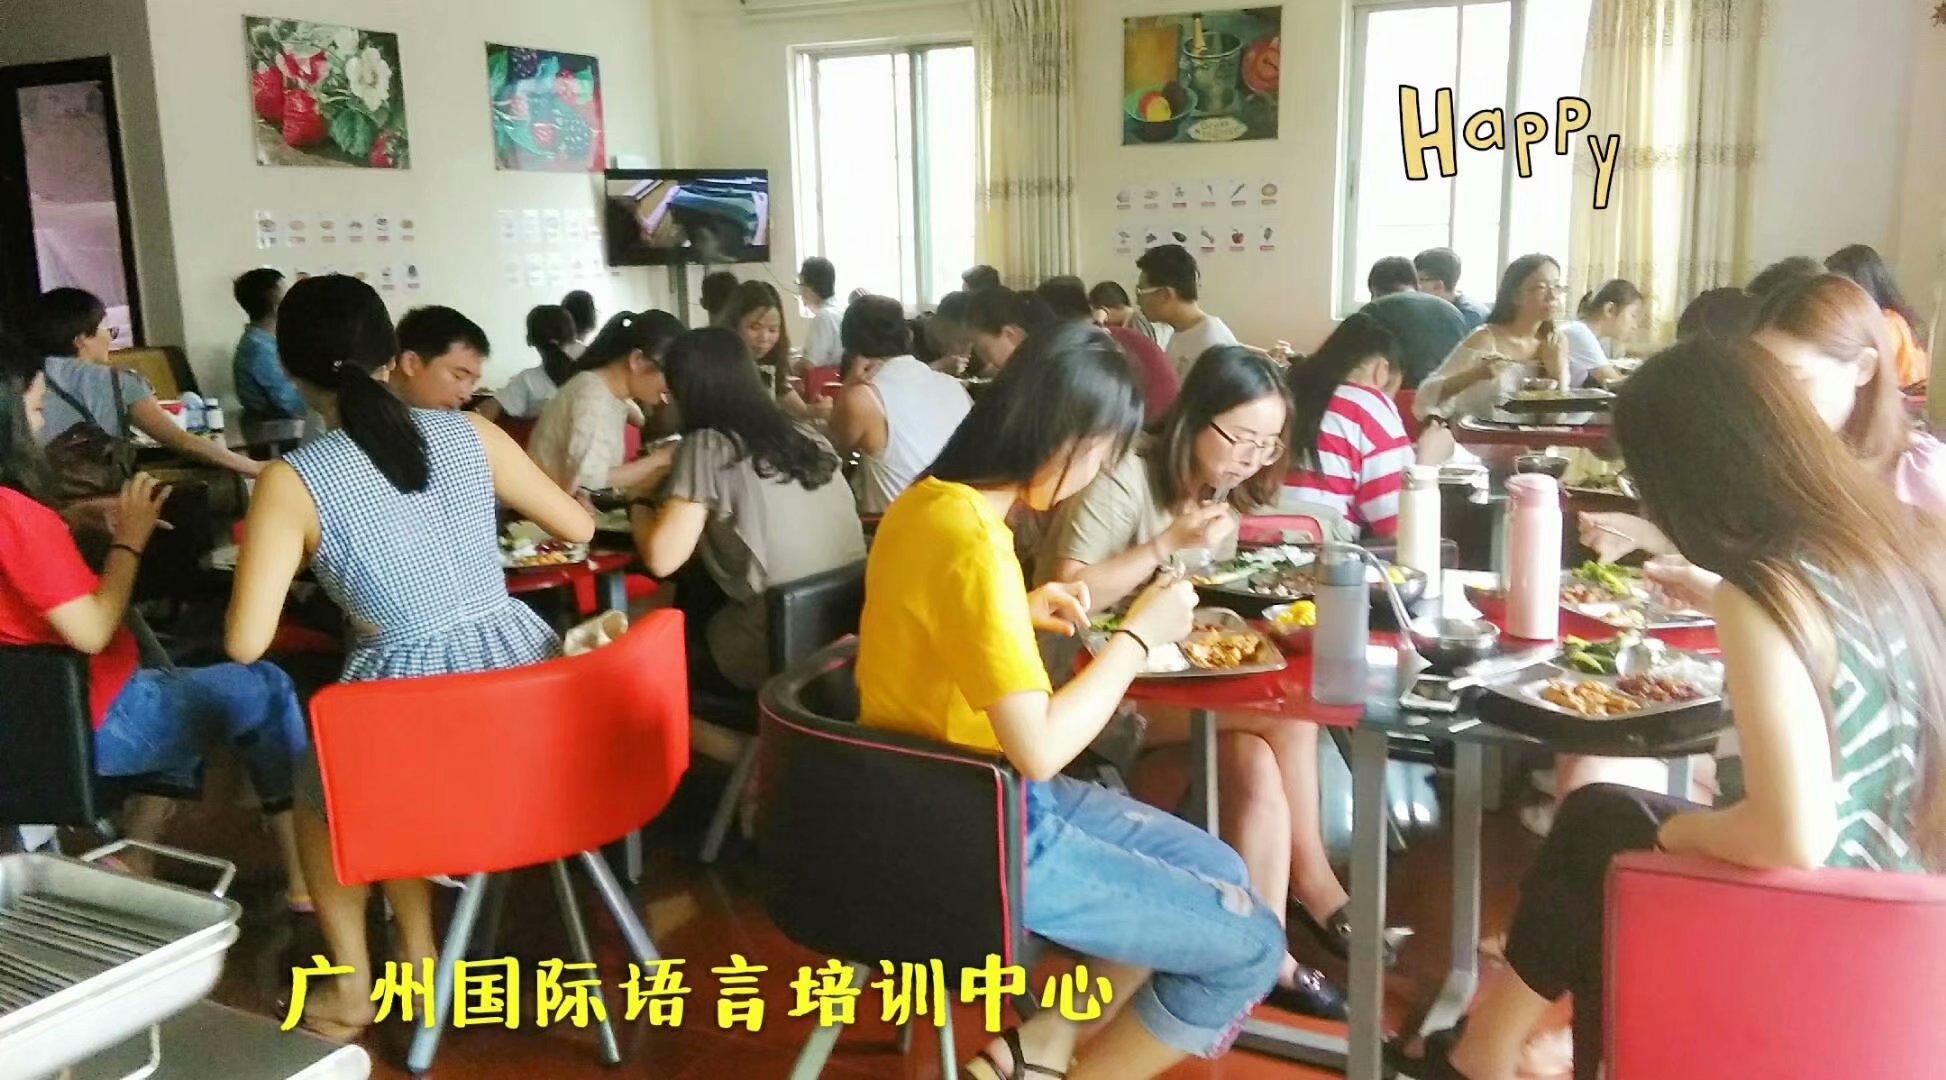 全封闭式英语培训中心配套教学设施餐厅环境图片